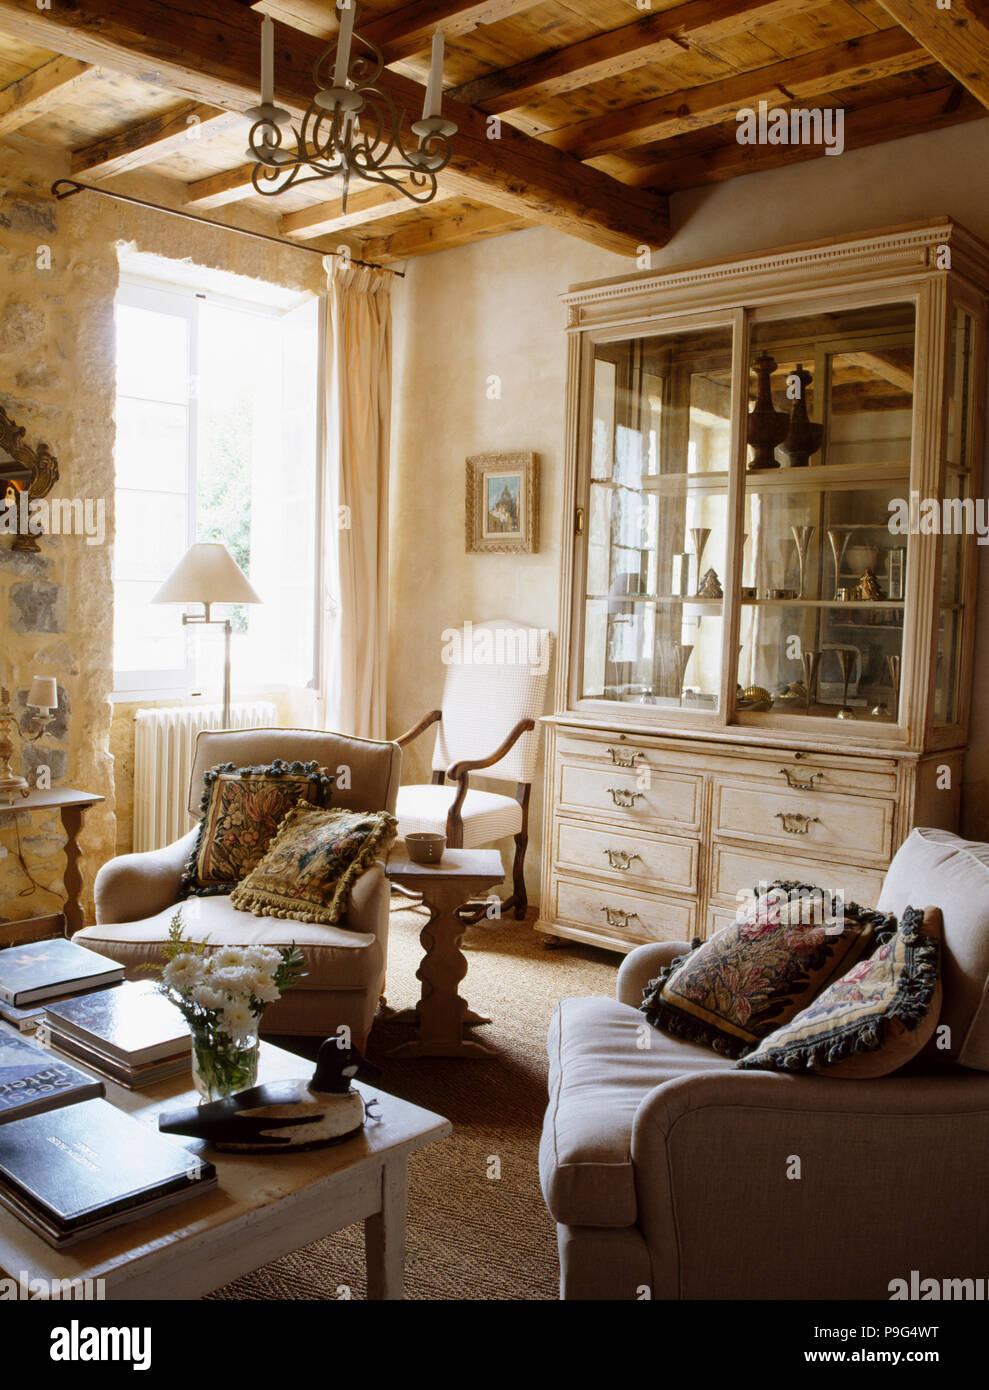 Bequeme Sessel im französischen Landhausstil Wohnzimmer mit ...